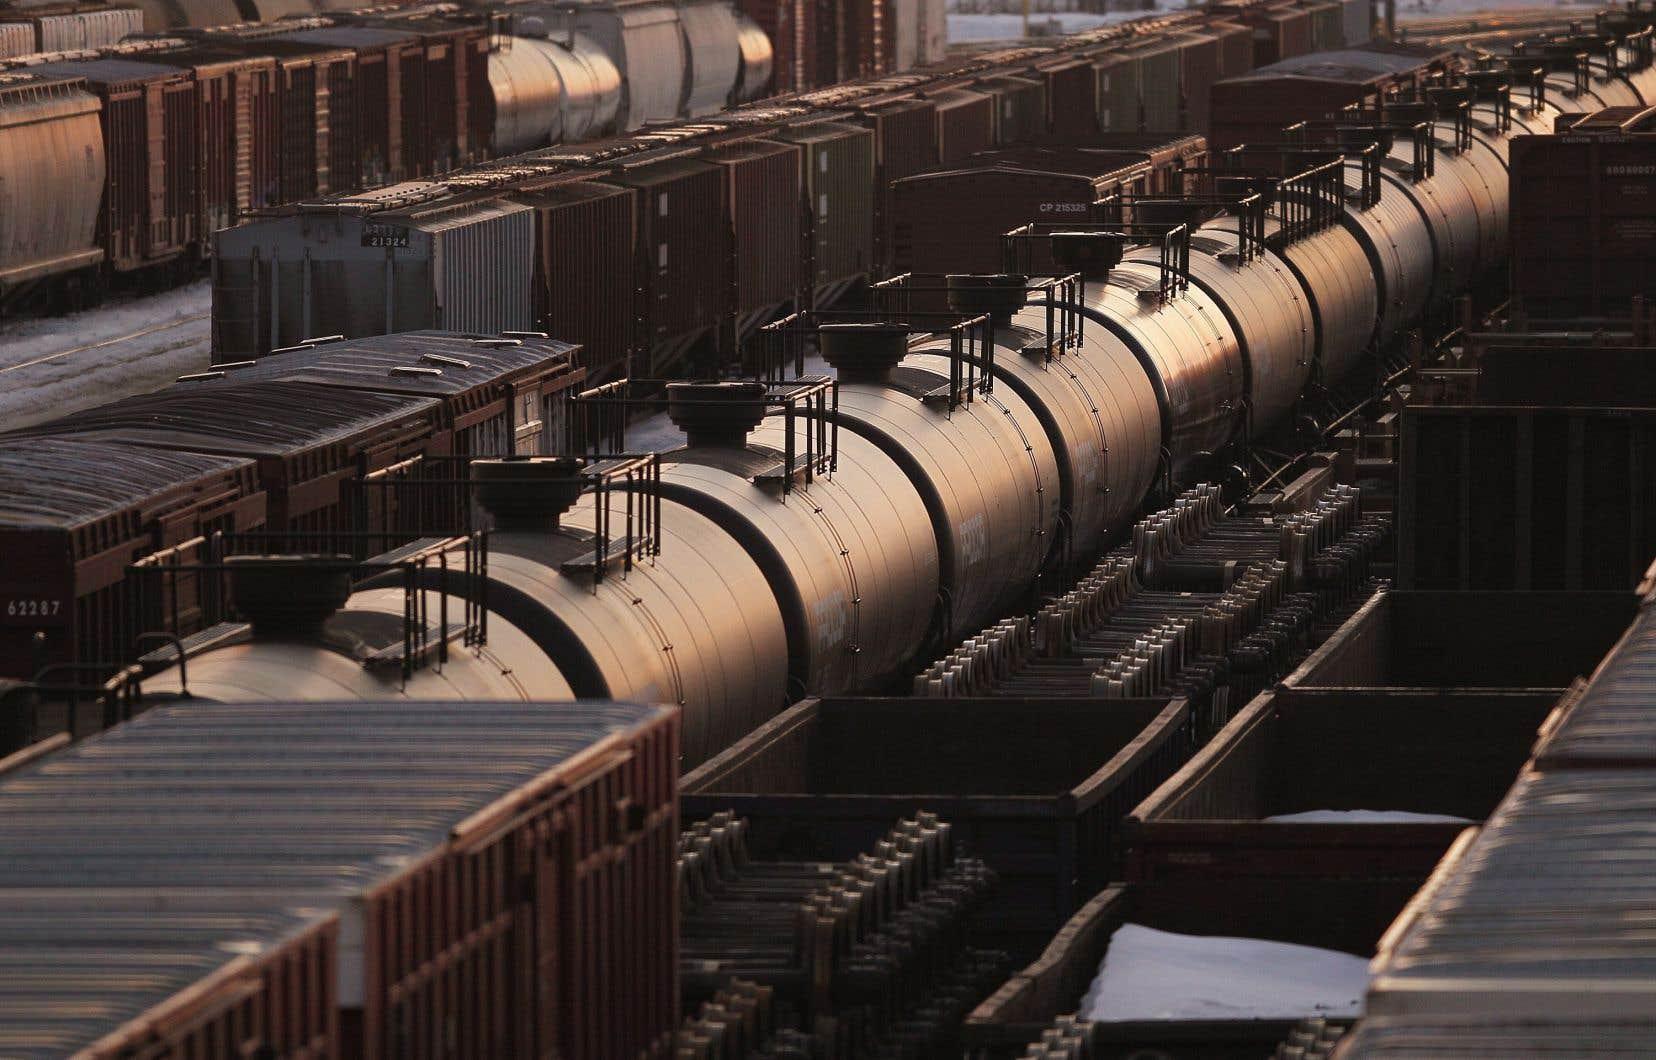 Les expéditions de brut par chemin de fer ont chuté l'été dernier lorsque le prix du pétrole s'est effondré au milieu de la pandémie de COVID-19.